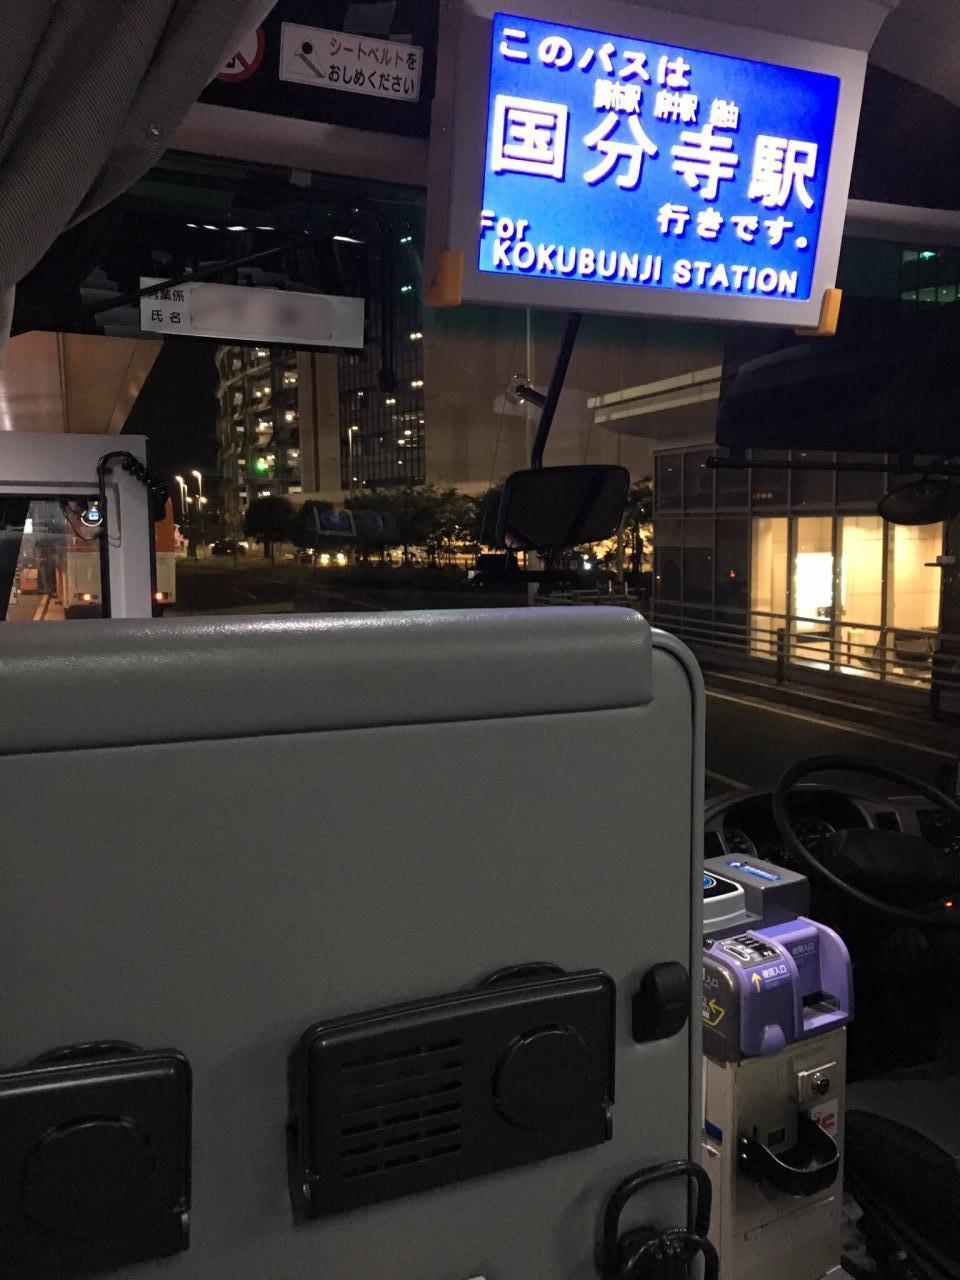 「橋本(神奈川)-羽田空港国内線ターミナル」間の乗 …